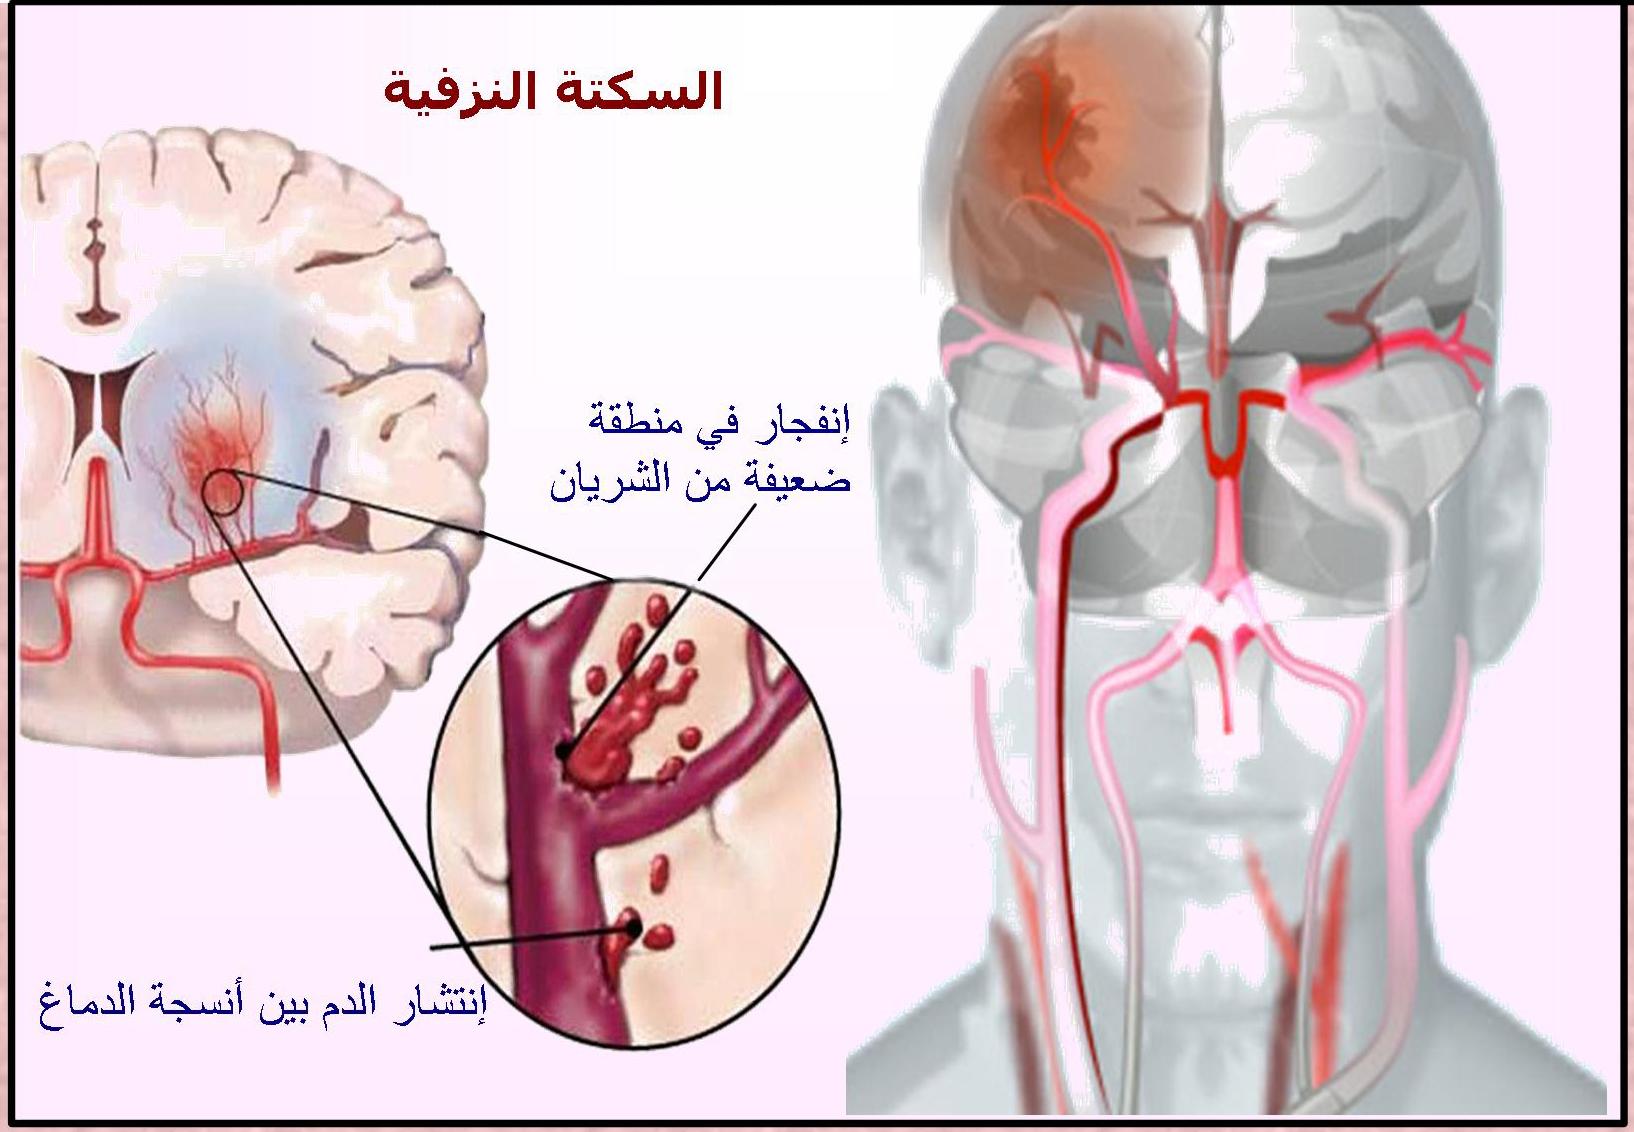 علاج جلطة المخ وأسبابها وأعراضها اليوم السابع